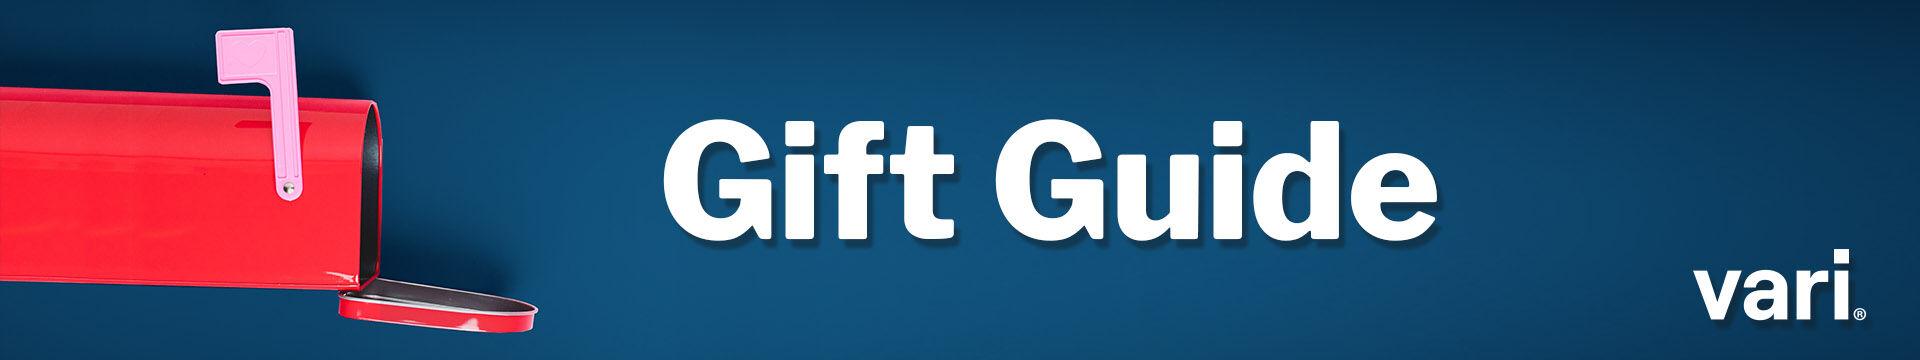 vari gift guide